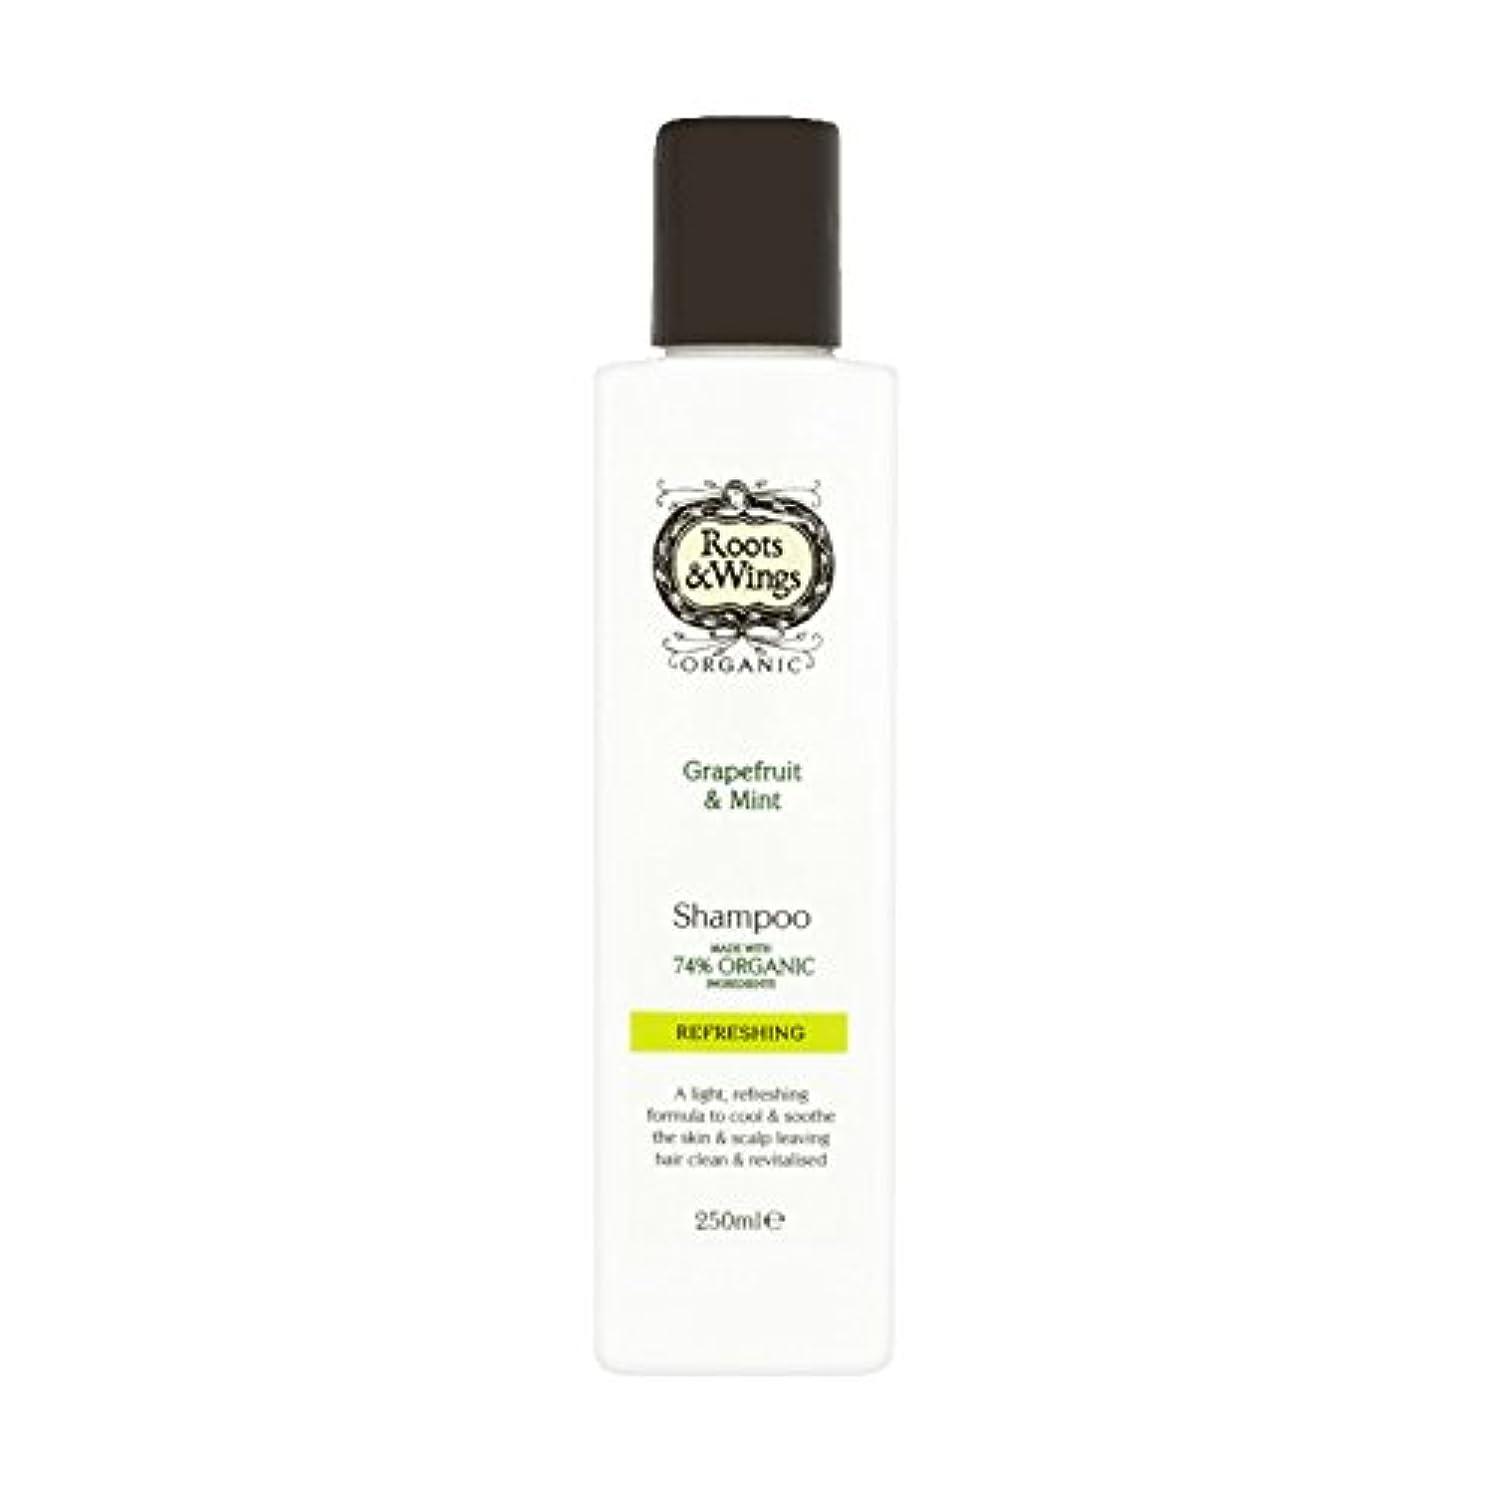 混乱従事した発信Roots & Wings Shampoo Grapefruit & Mint 250ml (Pack of 6) - ルーツ&翼シャンプーグレープフルーツ&ミント250ミリリットル (x6) [並行輸入品]